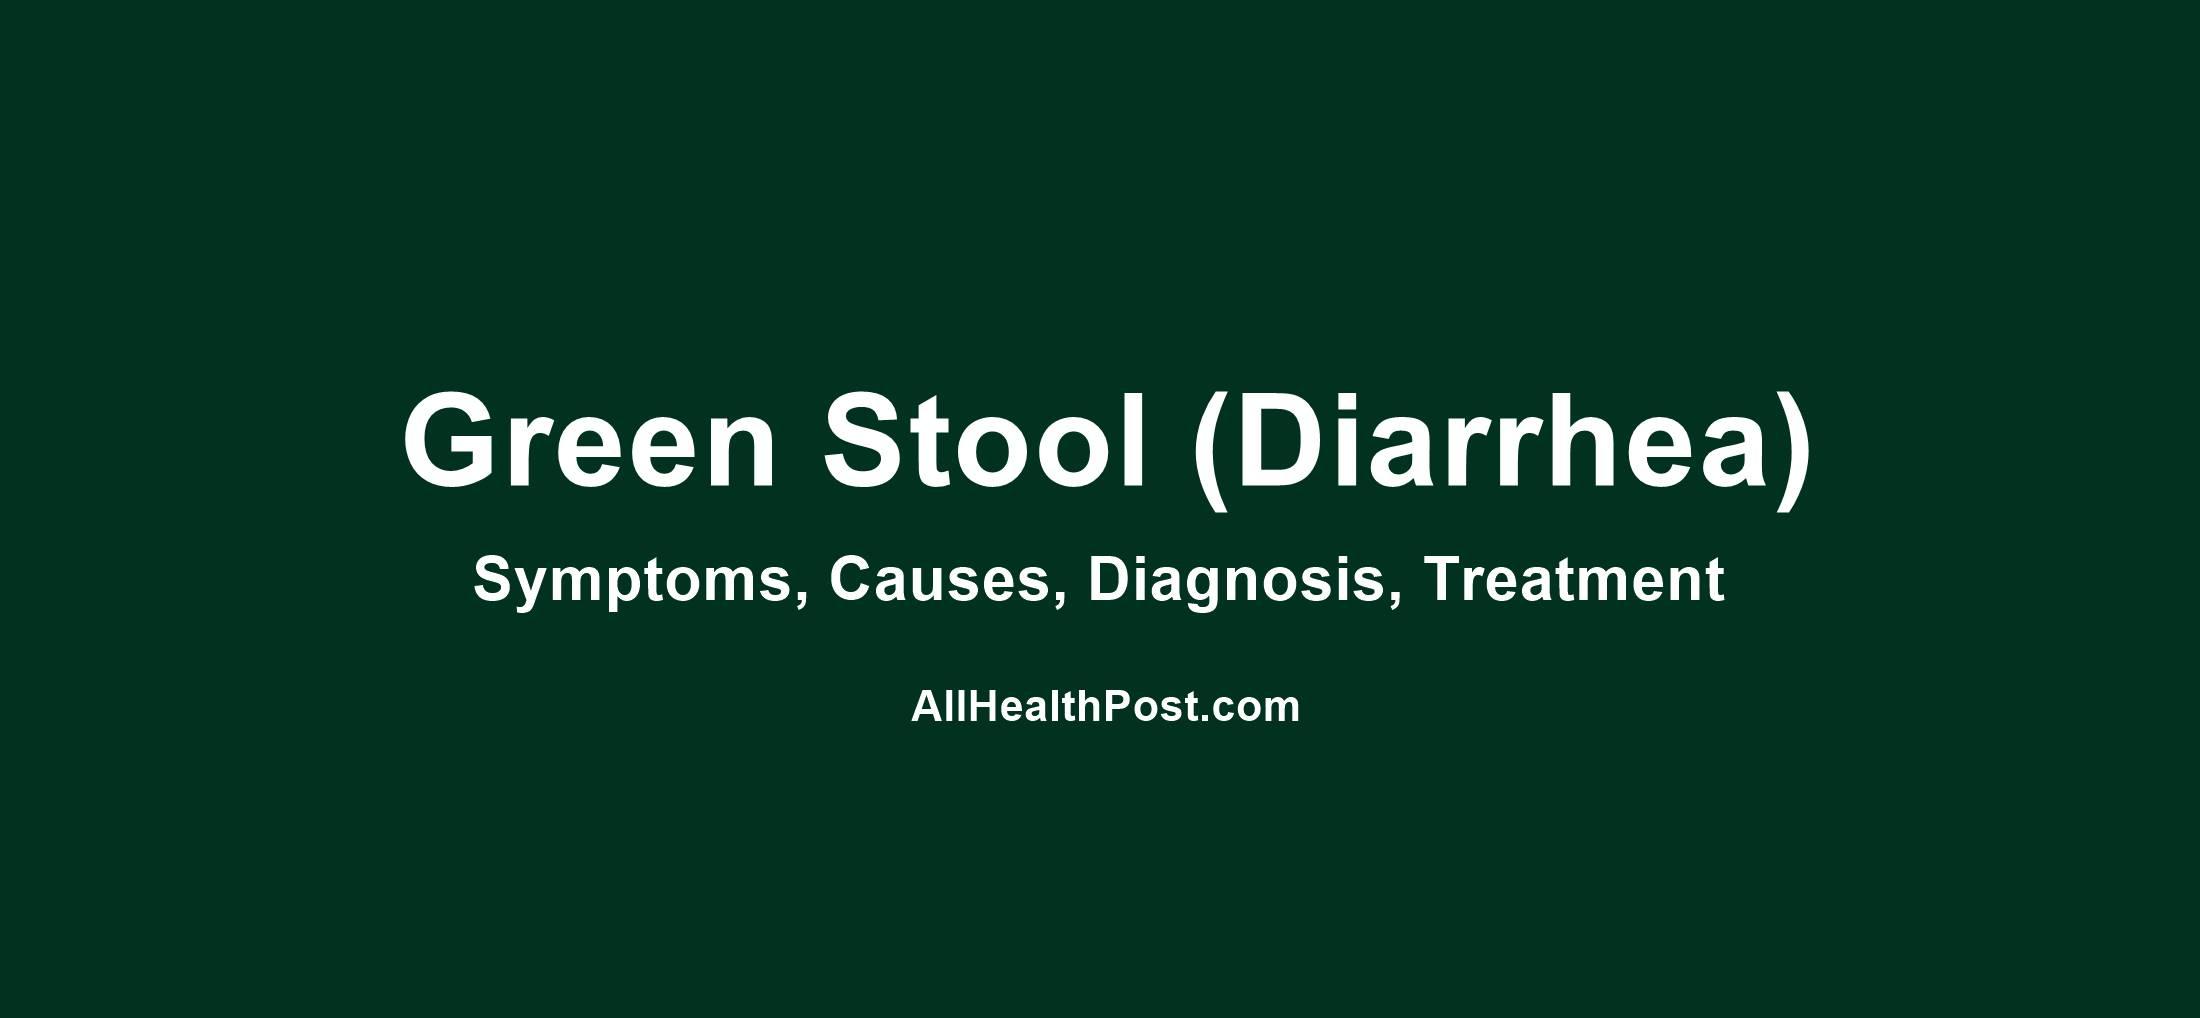 Green Stool (Diarrhea): Symptoms, Causes, Dagnosis, Treatment